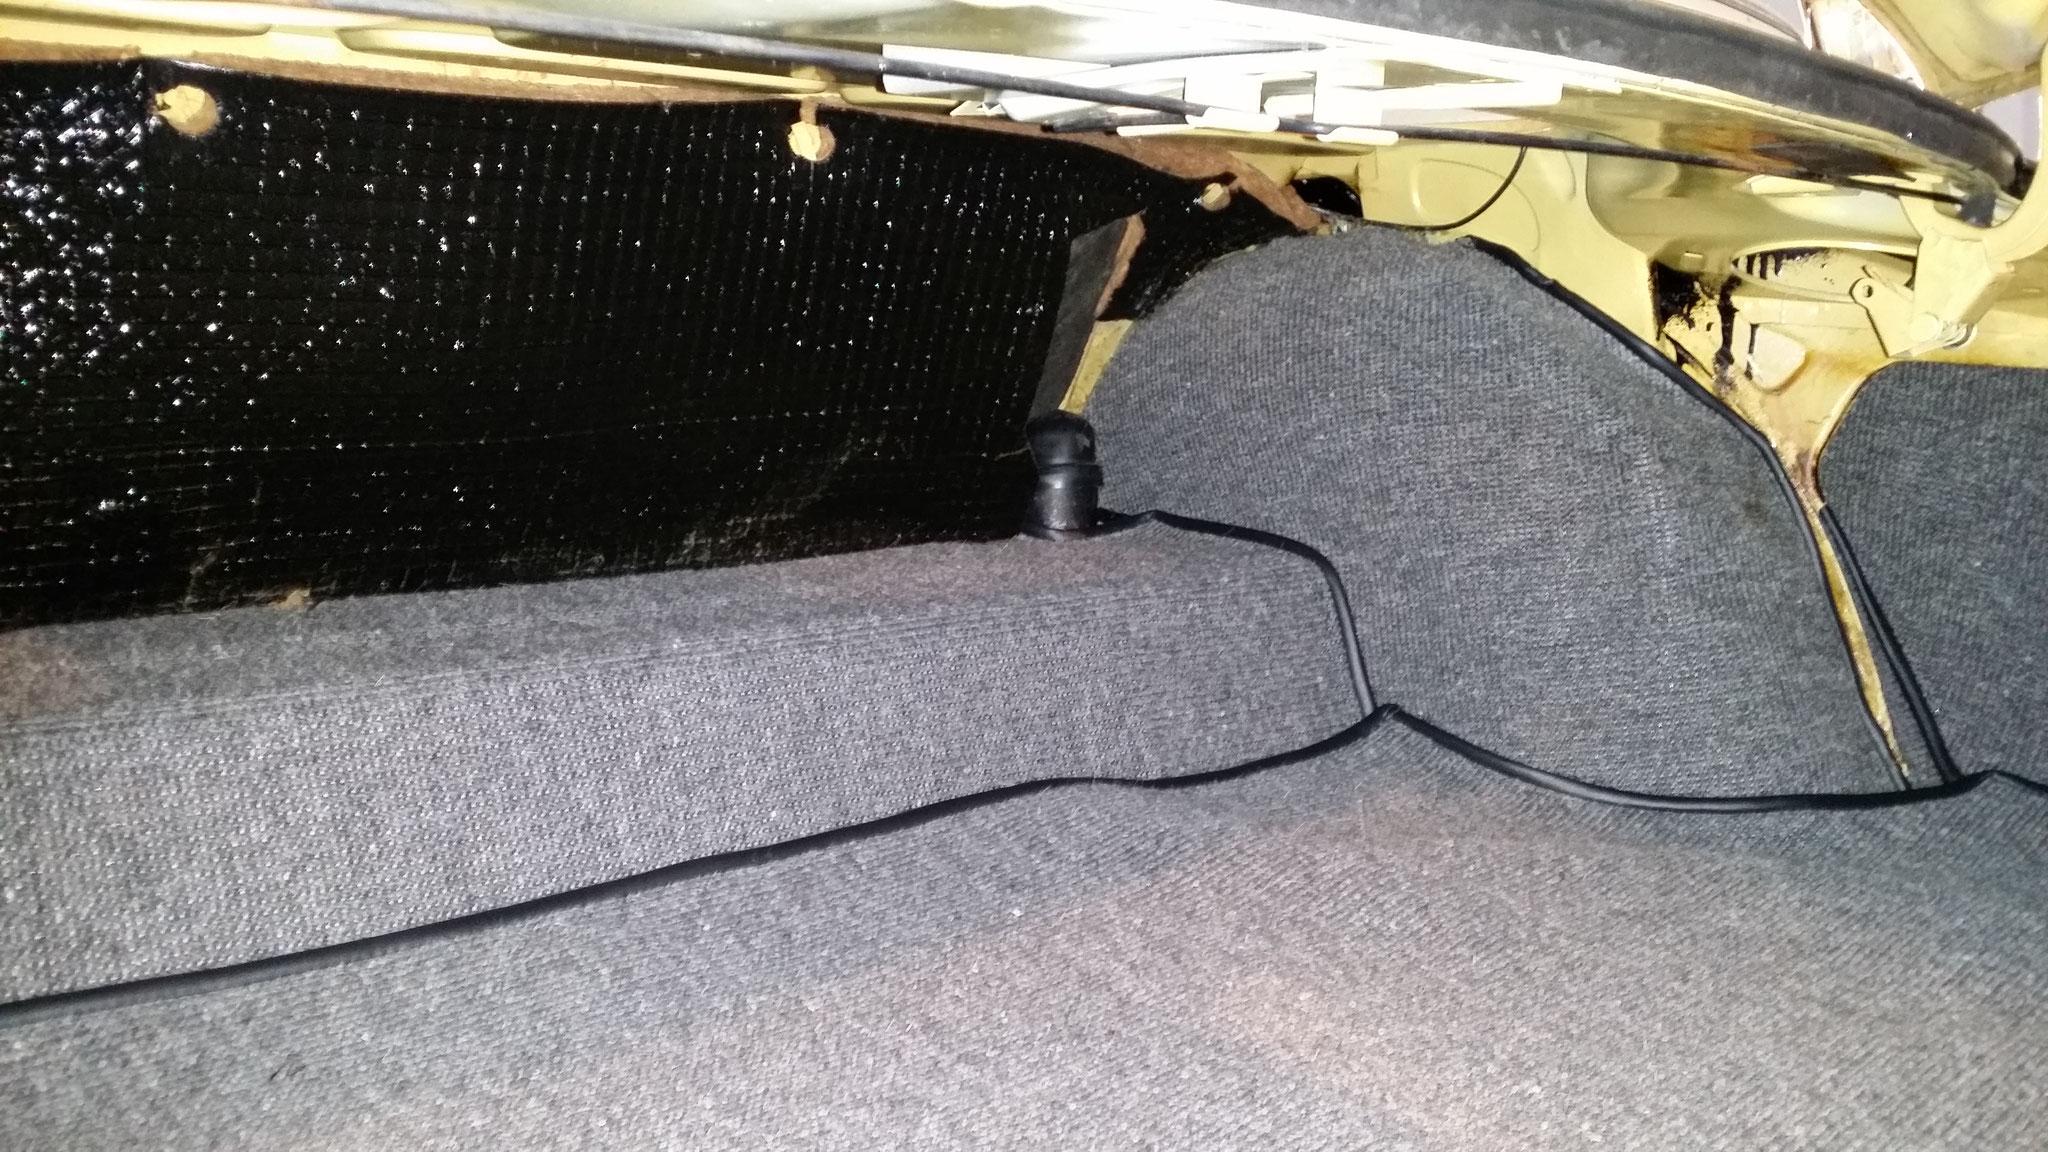 Auto Fußboden Teppich ~ Auto ausstatungen polsterei knaus s webseite